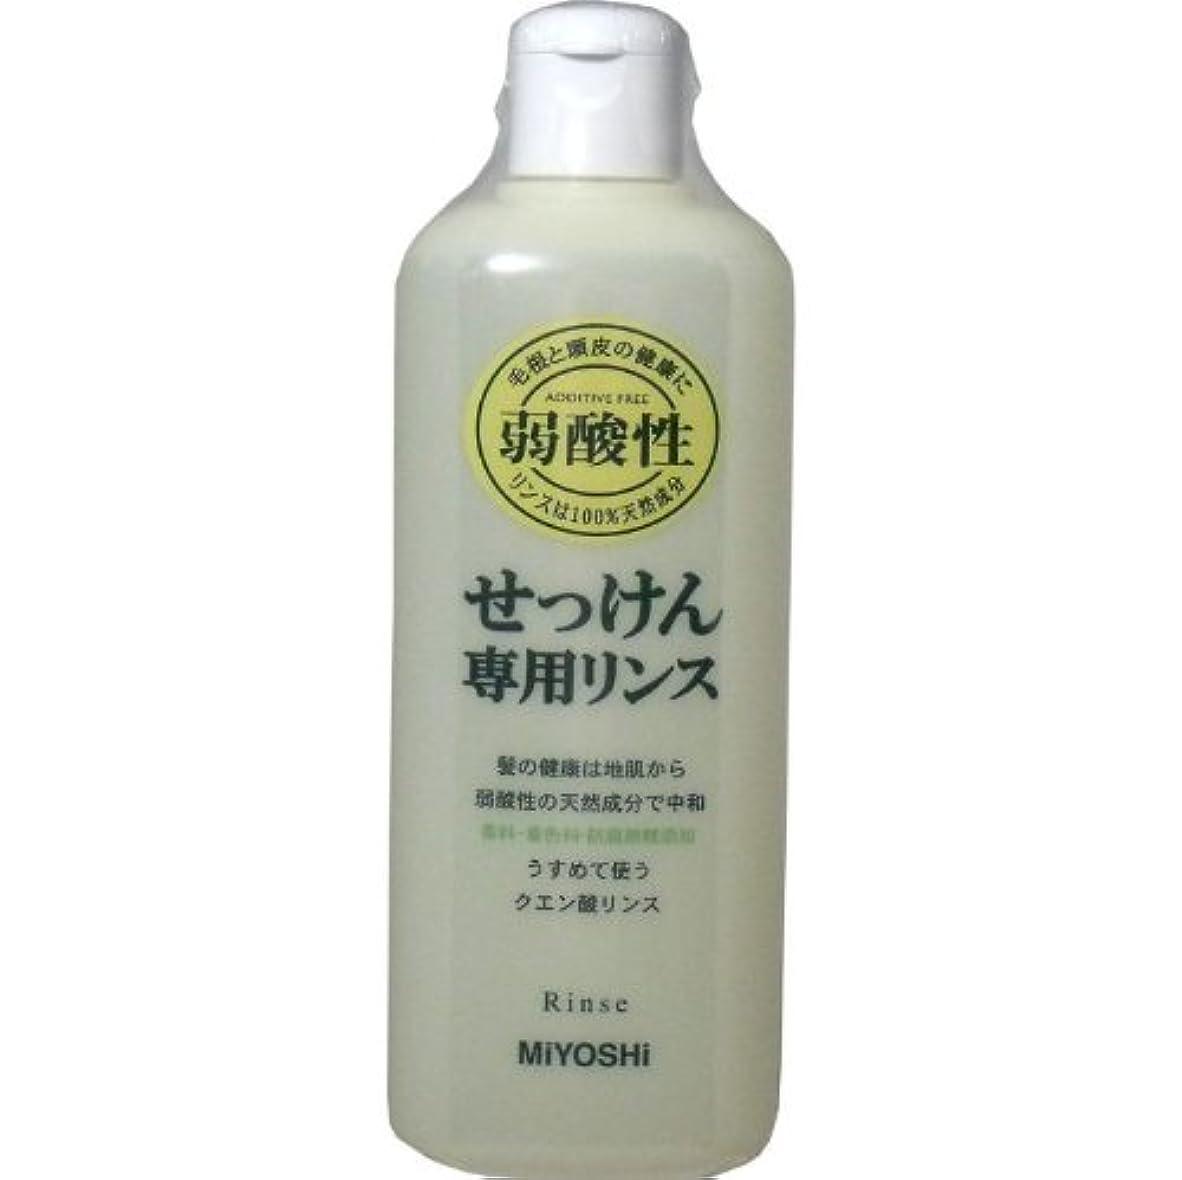 陰謀比較的ピーブ髪の健康は地肌から、弱酸性の天然成分で中和!!香料、防腐剤、着色料無添加!うすめて使うクエン酸リンス!リンス 350mL